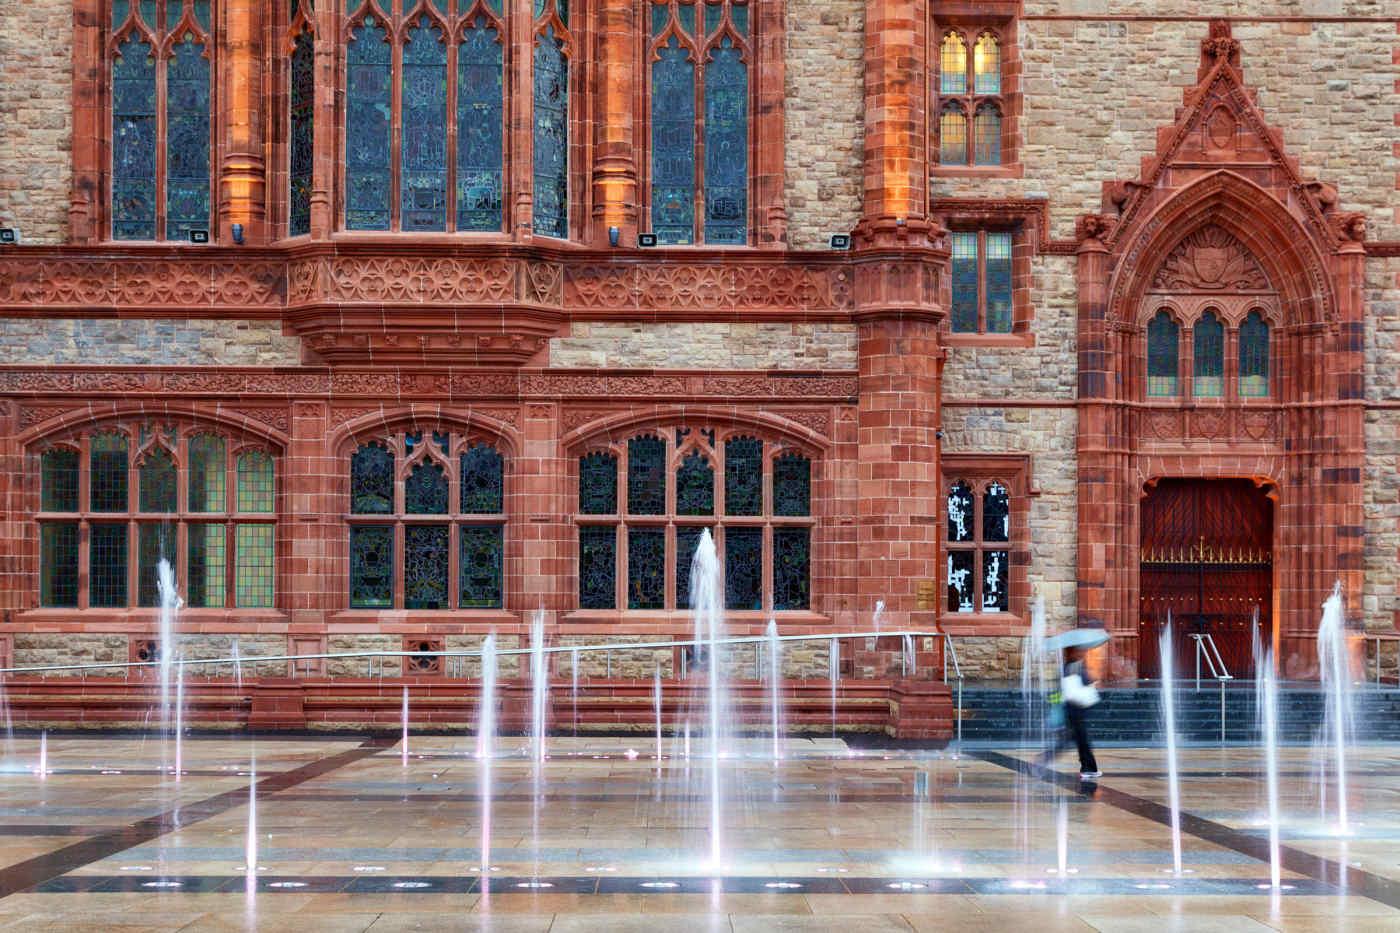 Guildhall in Derry, Northern Ireland